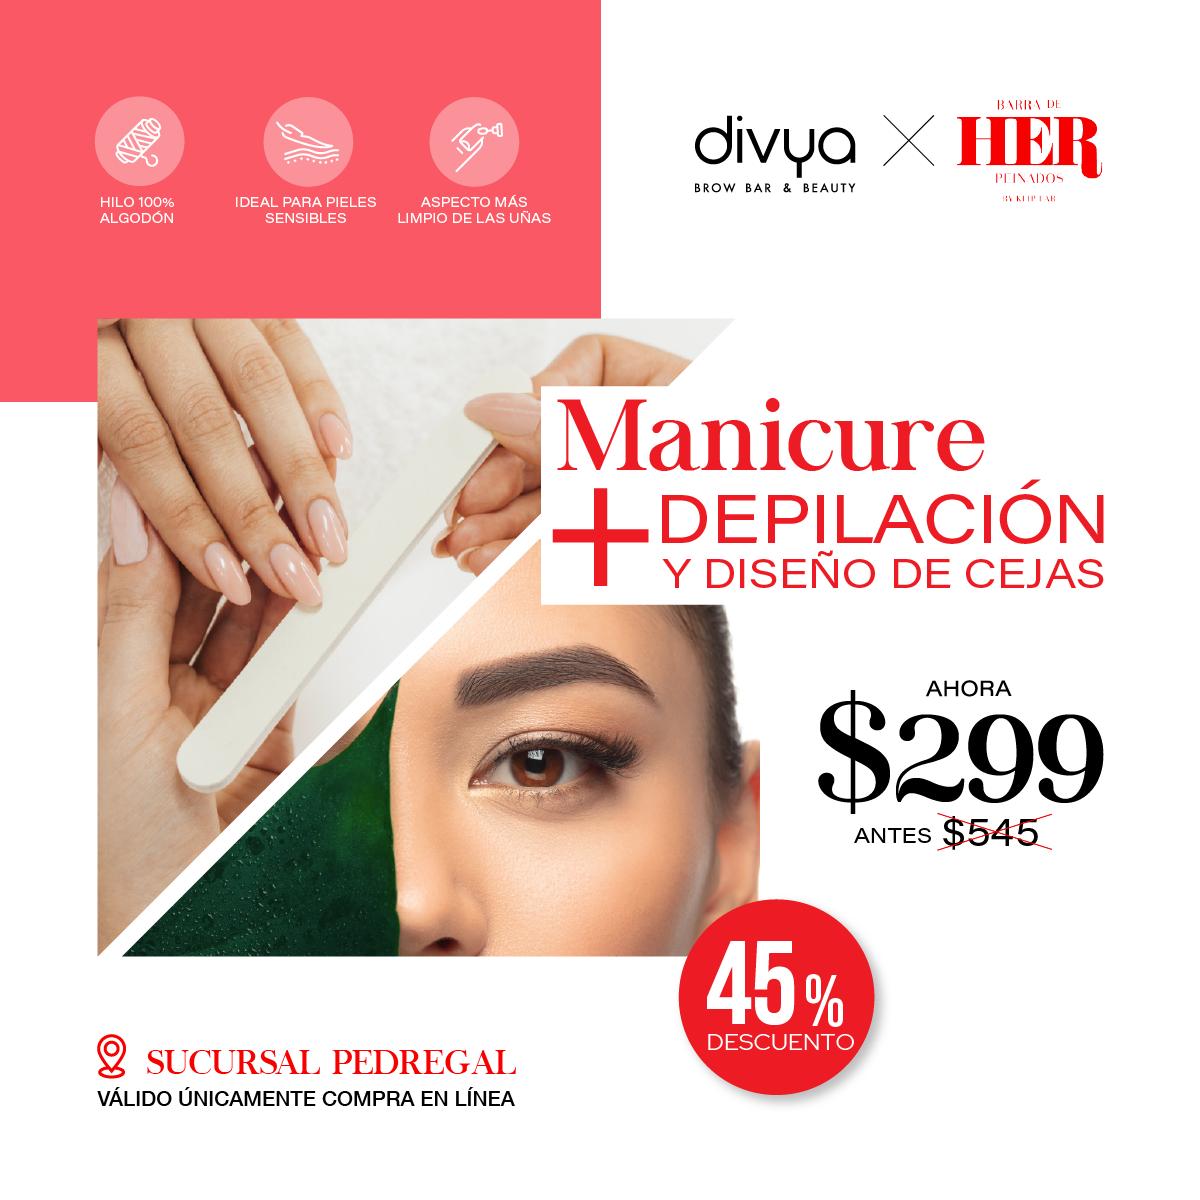 Diseño y Depilación de Ceja + Manicure- DIVYA X HER&w=900&h=900&fit=crop